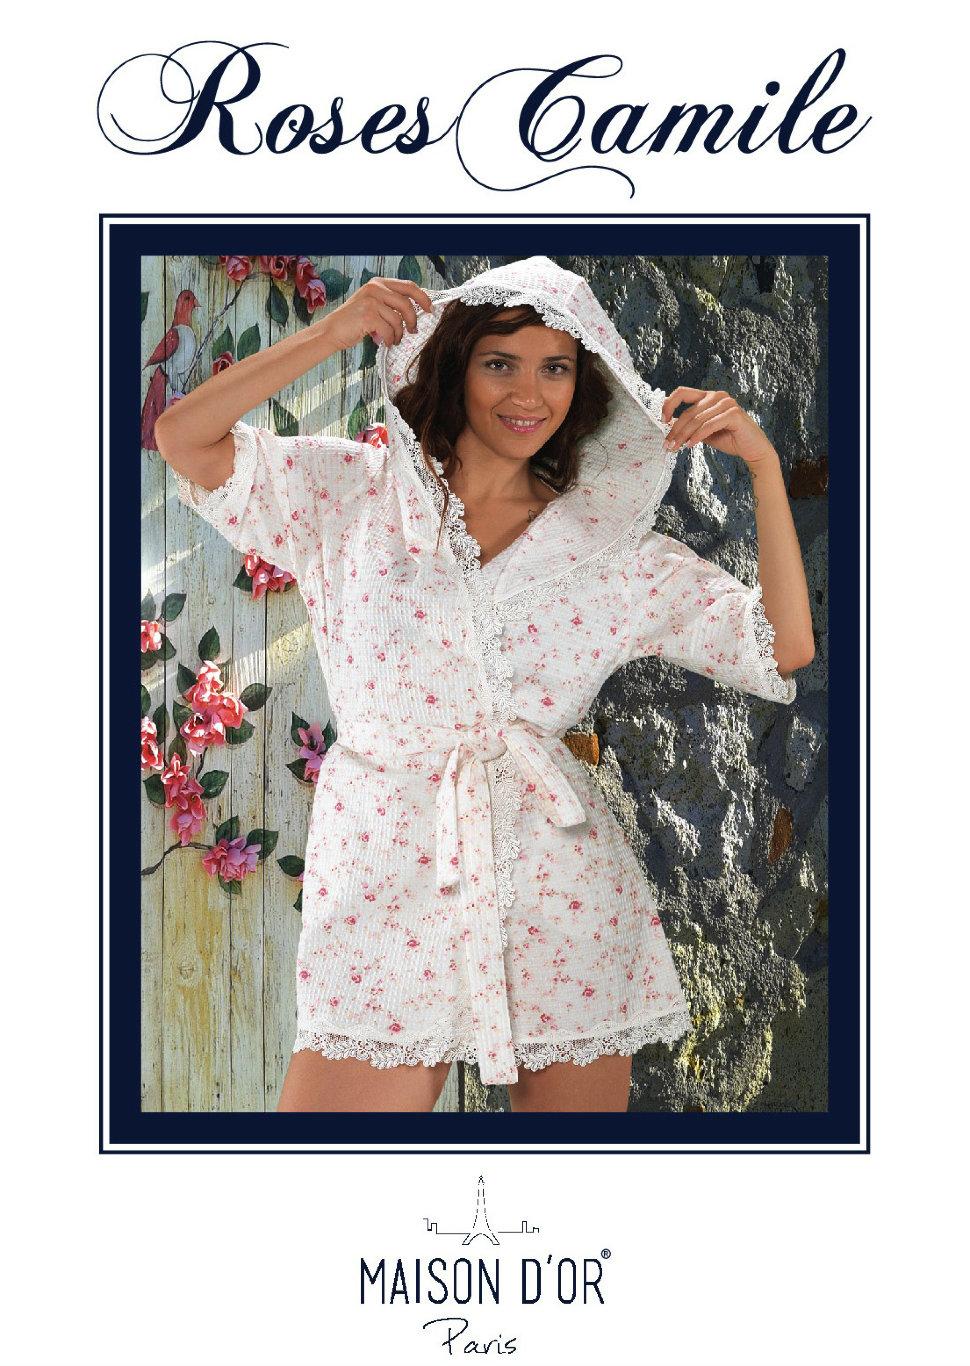 ff2f44e670bc9 ... Вафельный халат Roses Camile Maison D'or с капюшоном и с кружевом  розовый